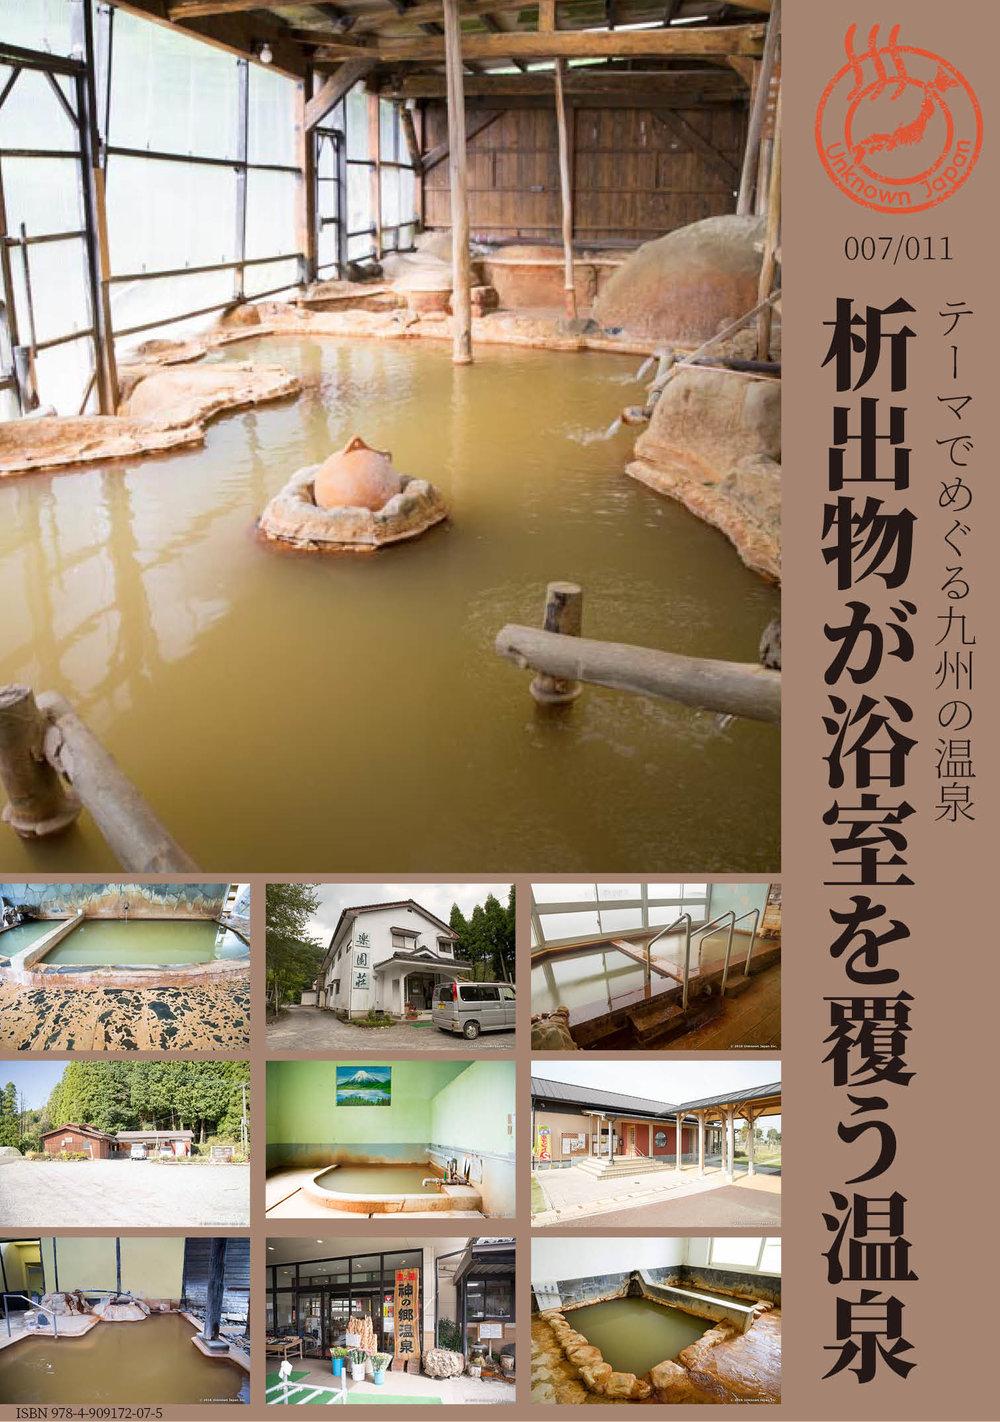 007_析出物が浴室を覆う温泉.jpg